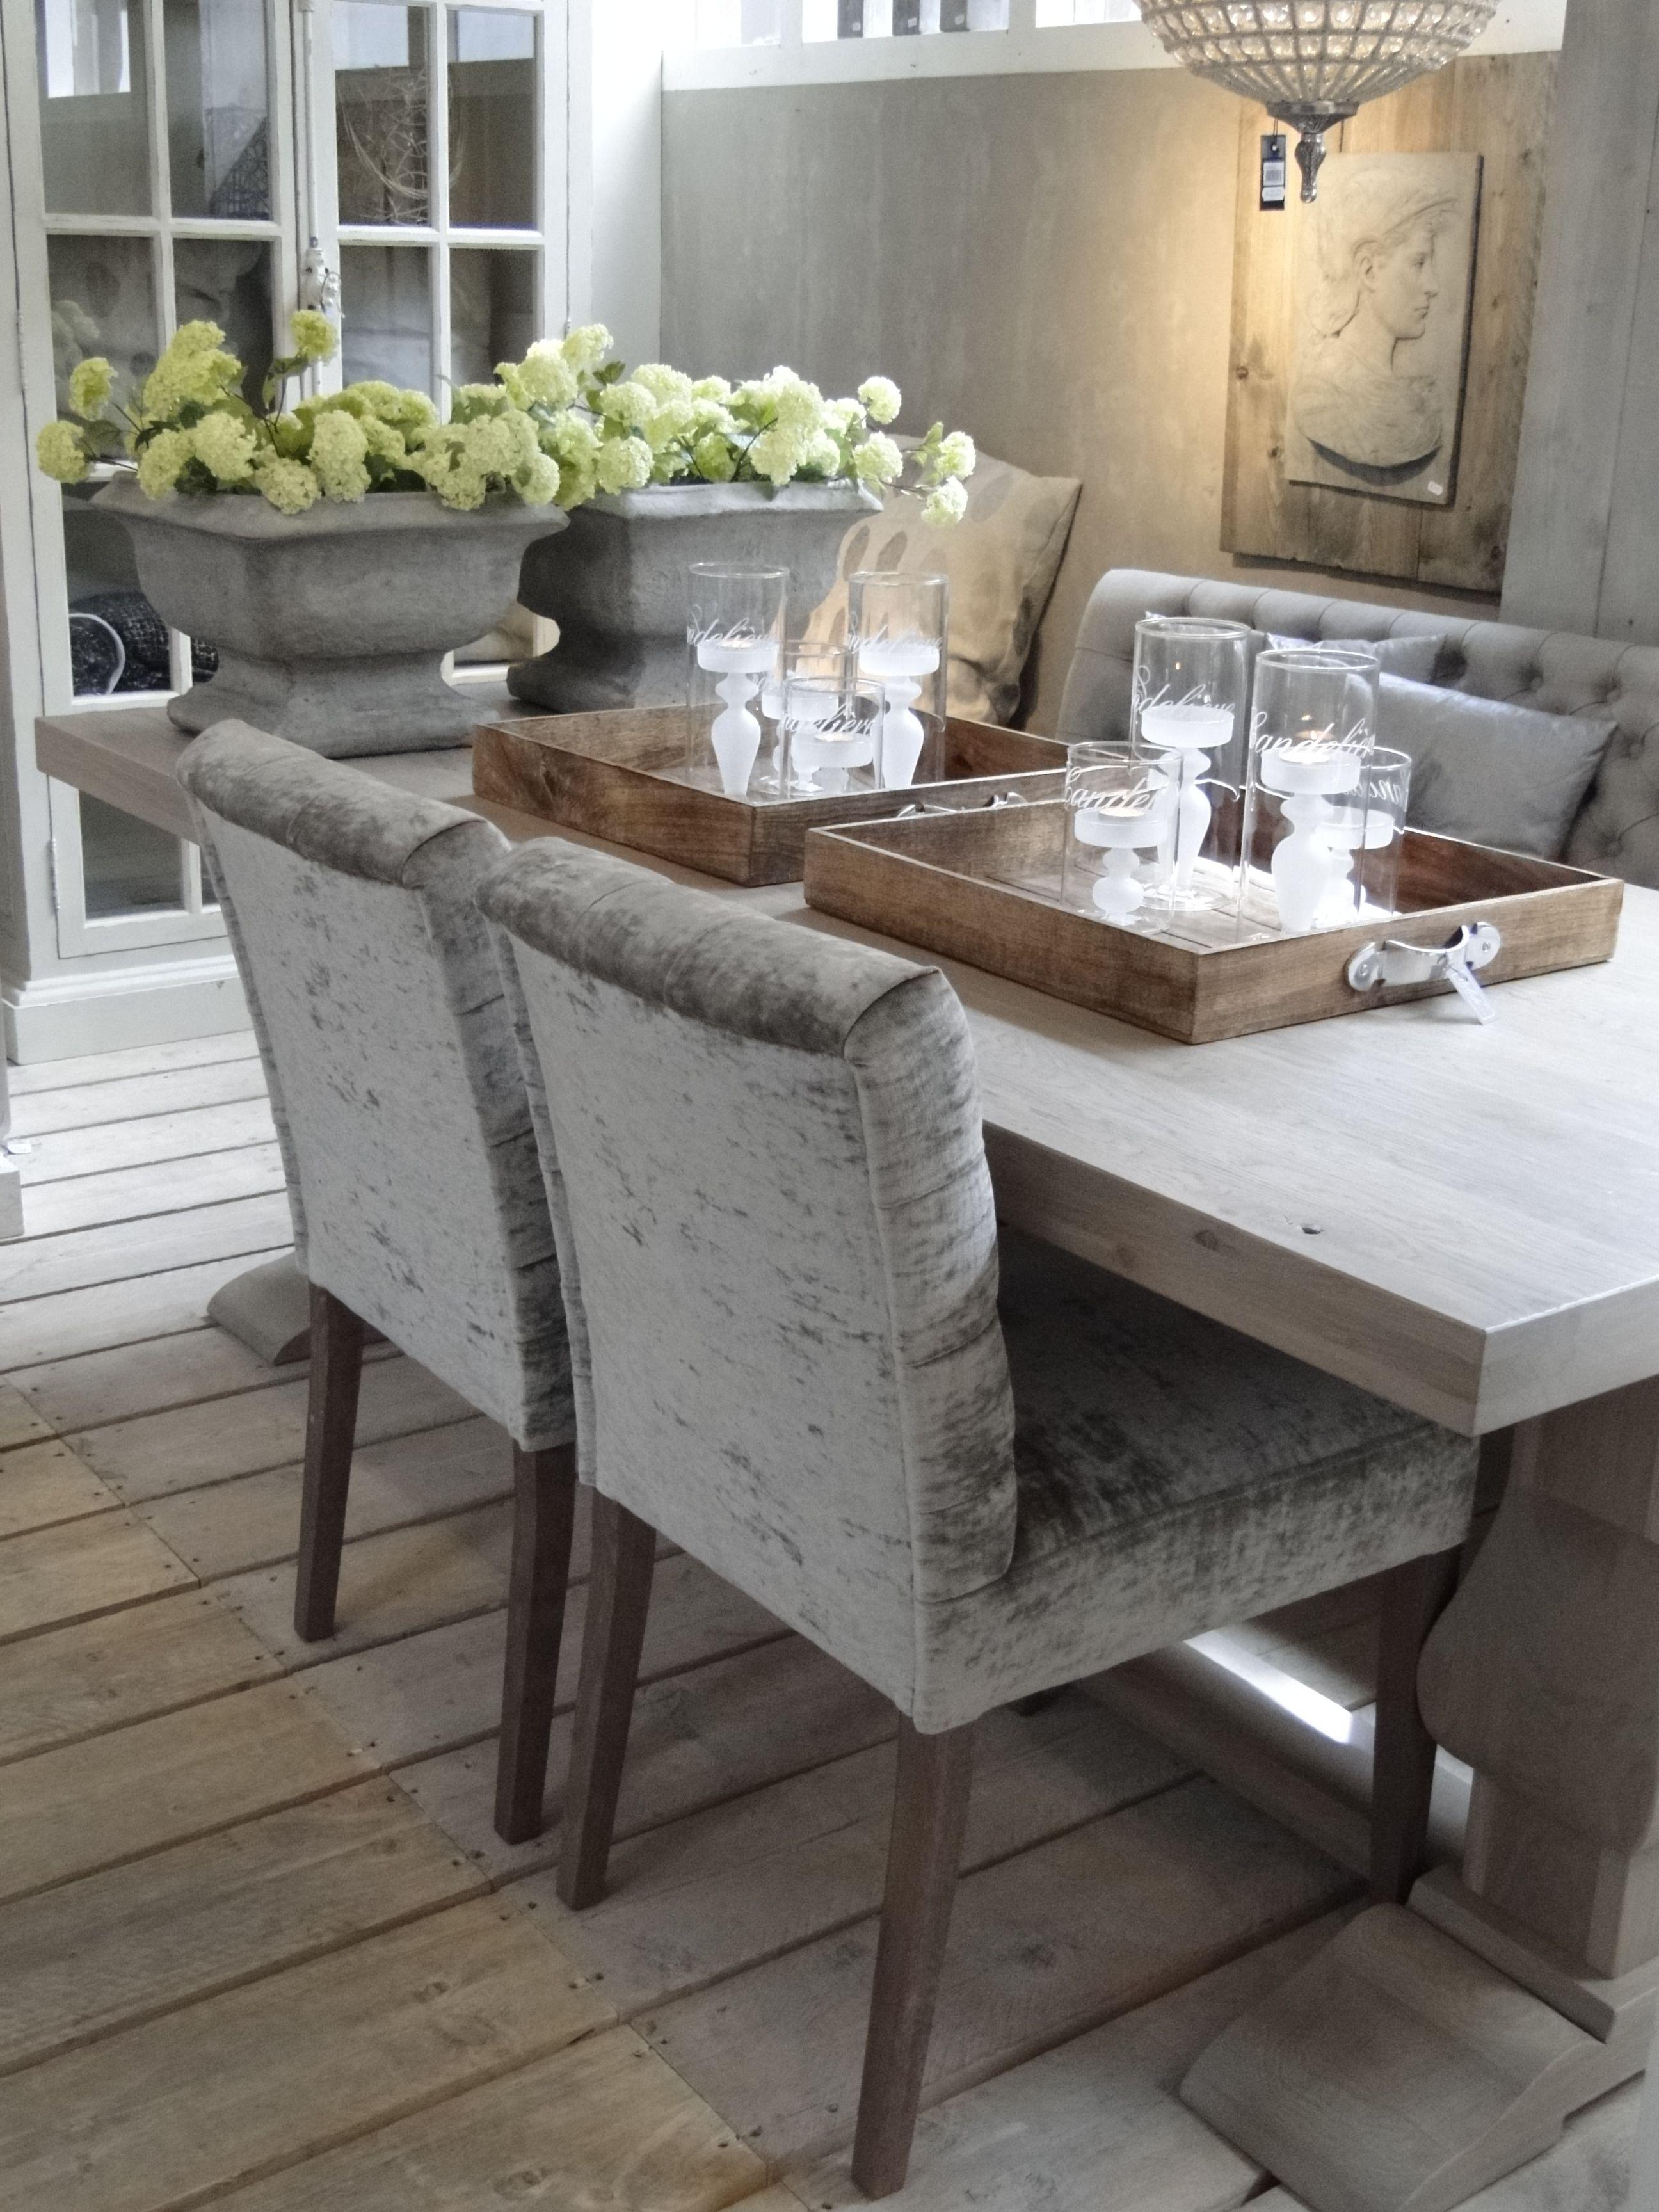 mooie robuuste kloostertafel prachtige kleuren binatie houten